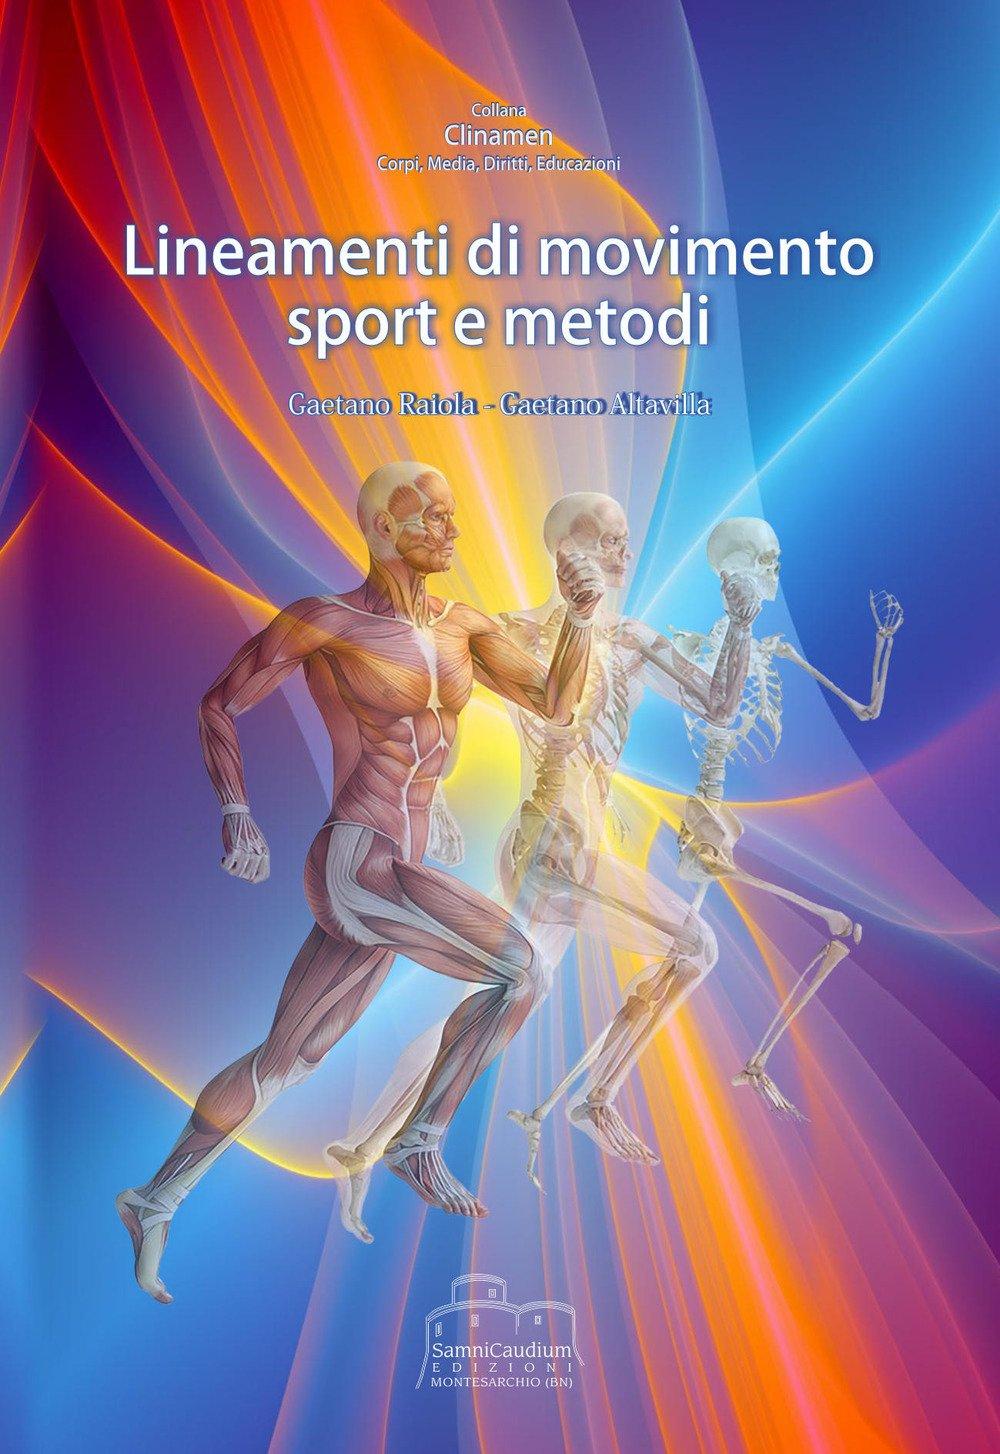 Lineamenti di movimento. Sport e metodi Copertina flessibile – 8 mar 2018 Gaetano Raiola Gaetano Altavilla Samnicaudium 8894036073